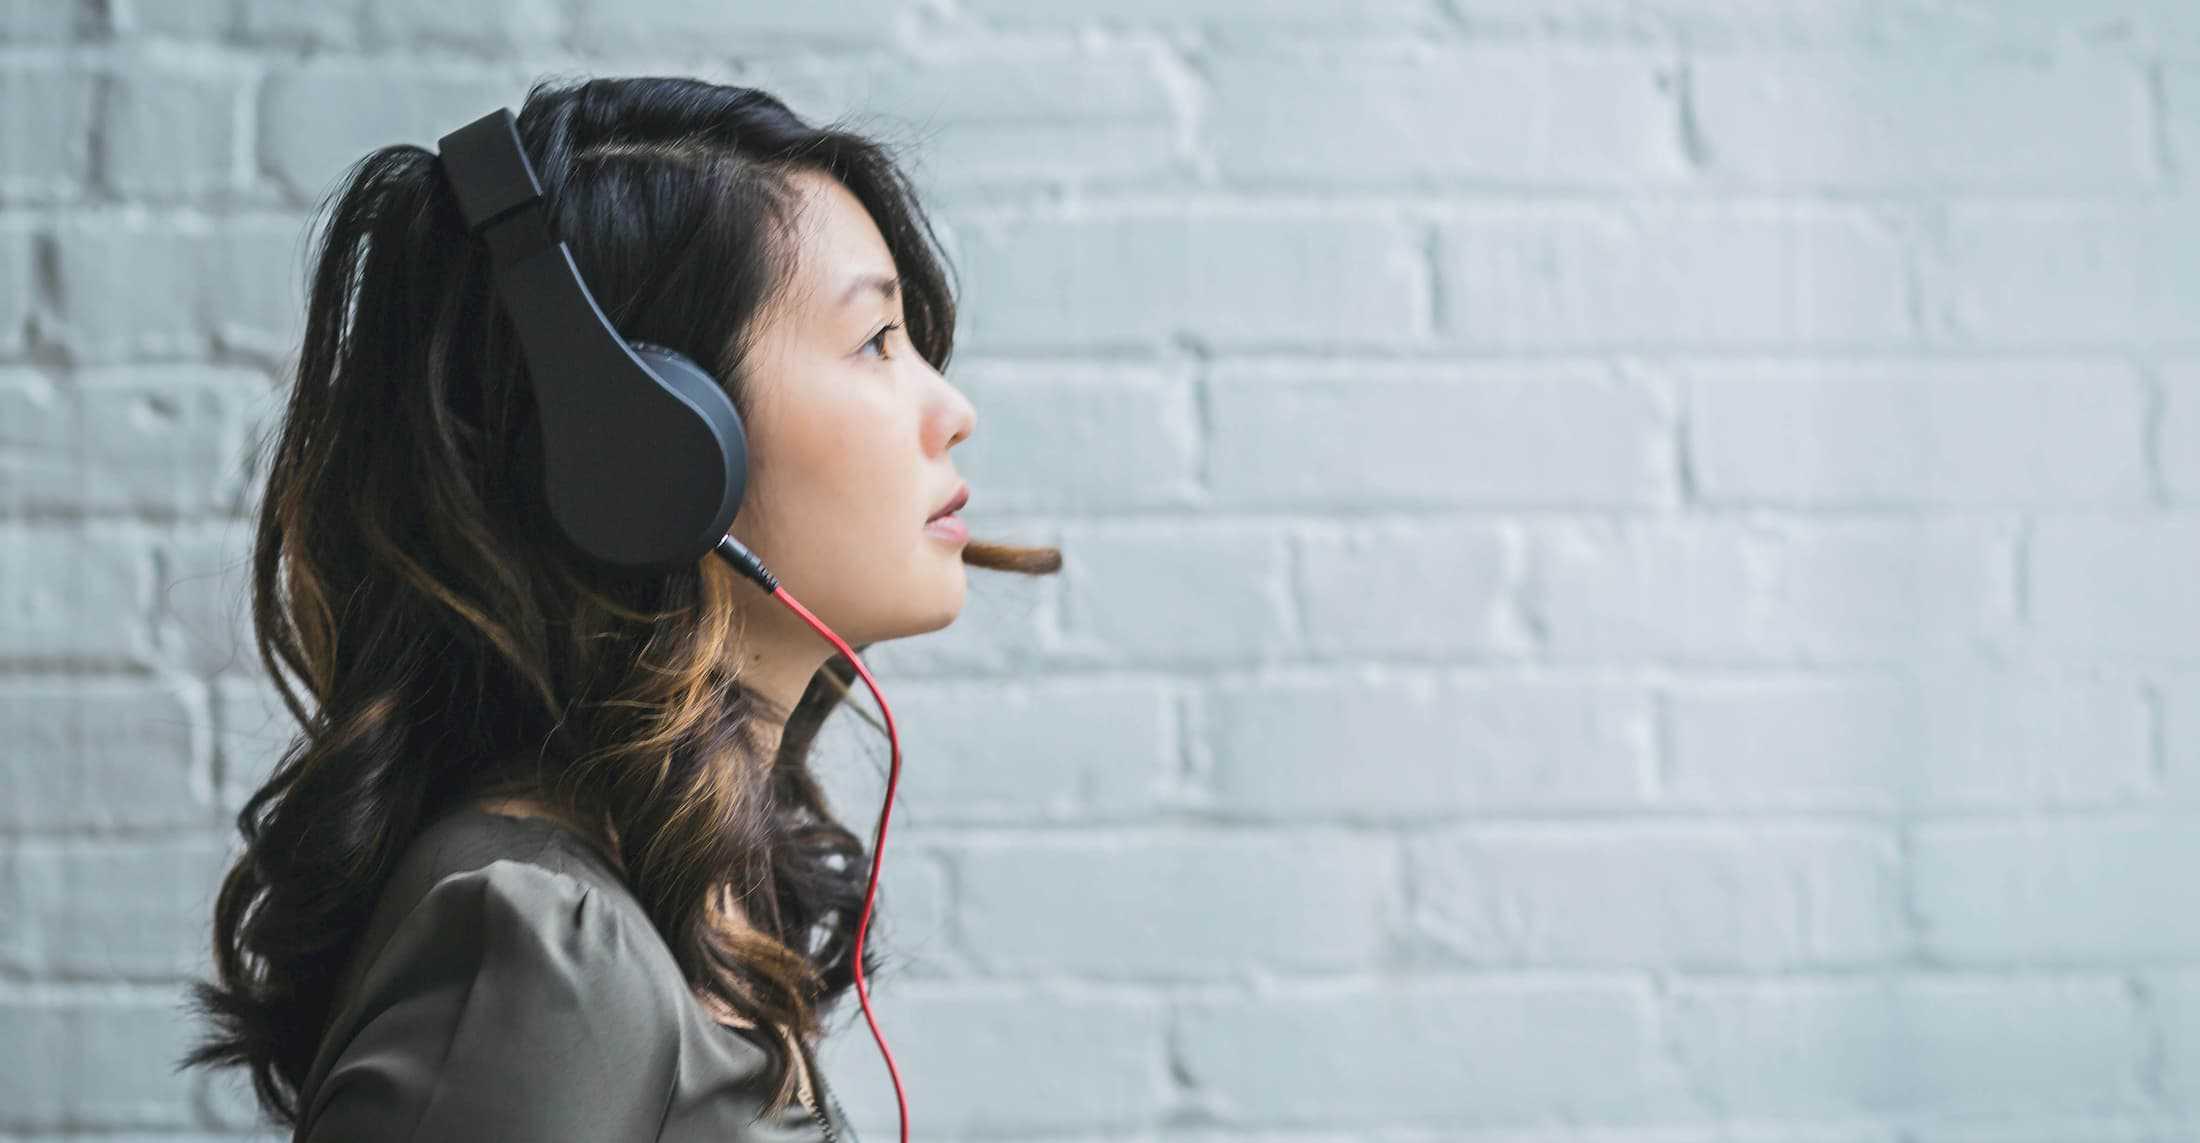 Woman wearing headphones listening for ielts test